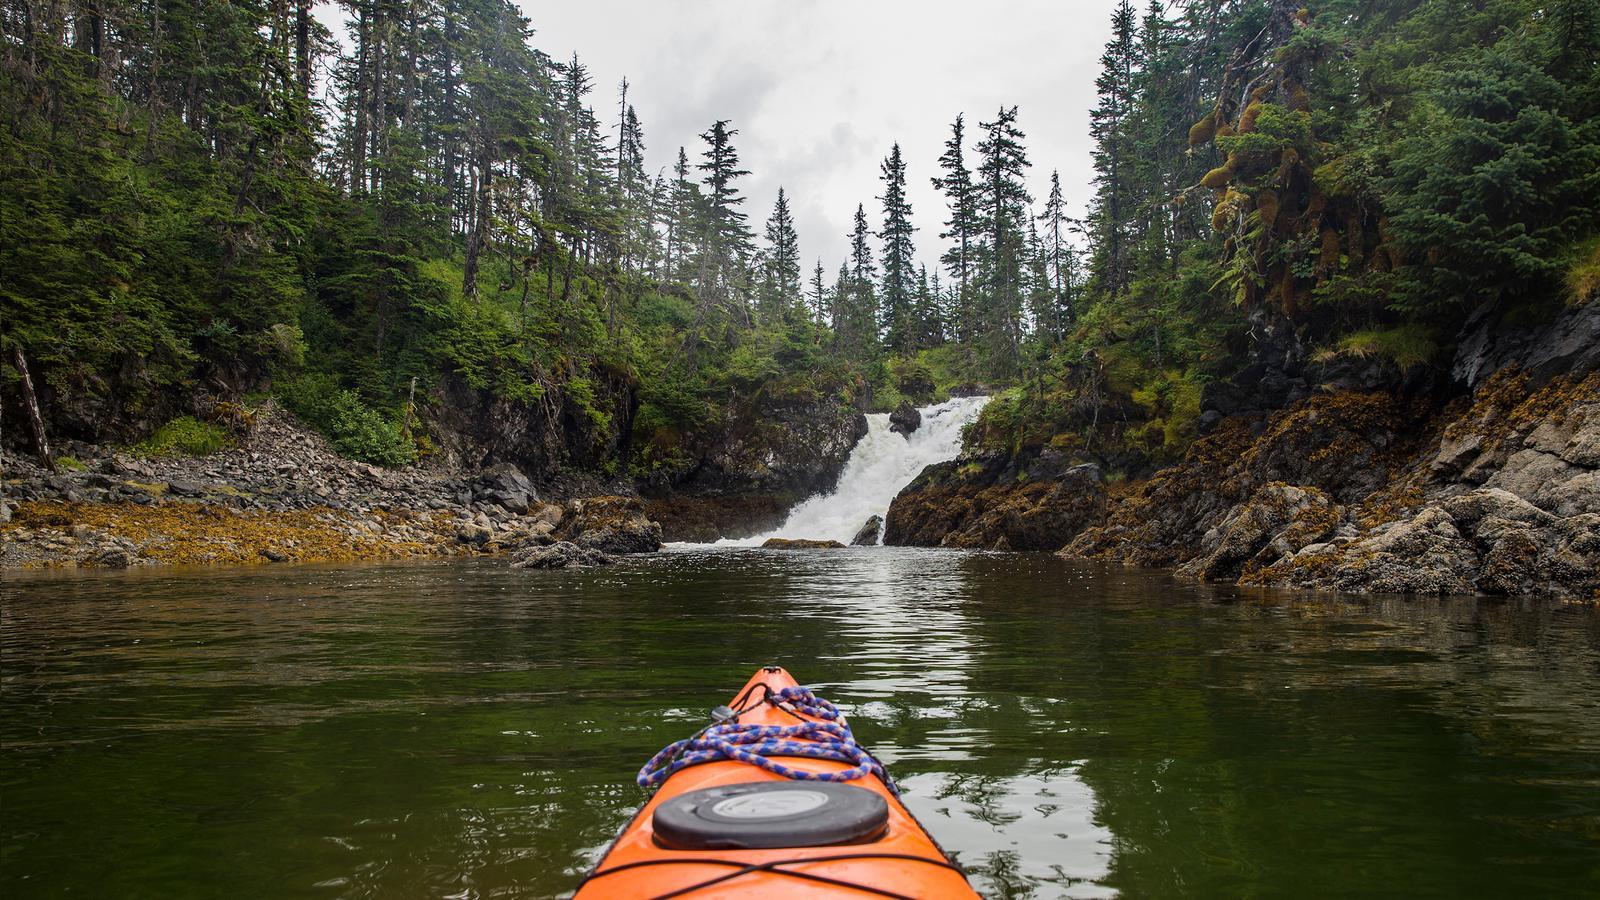 Alaska Camping urlaub für junge Leute in der Gruppe traveljunkies